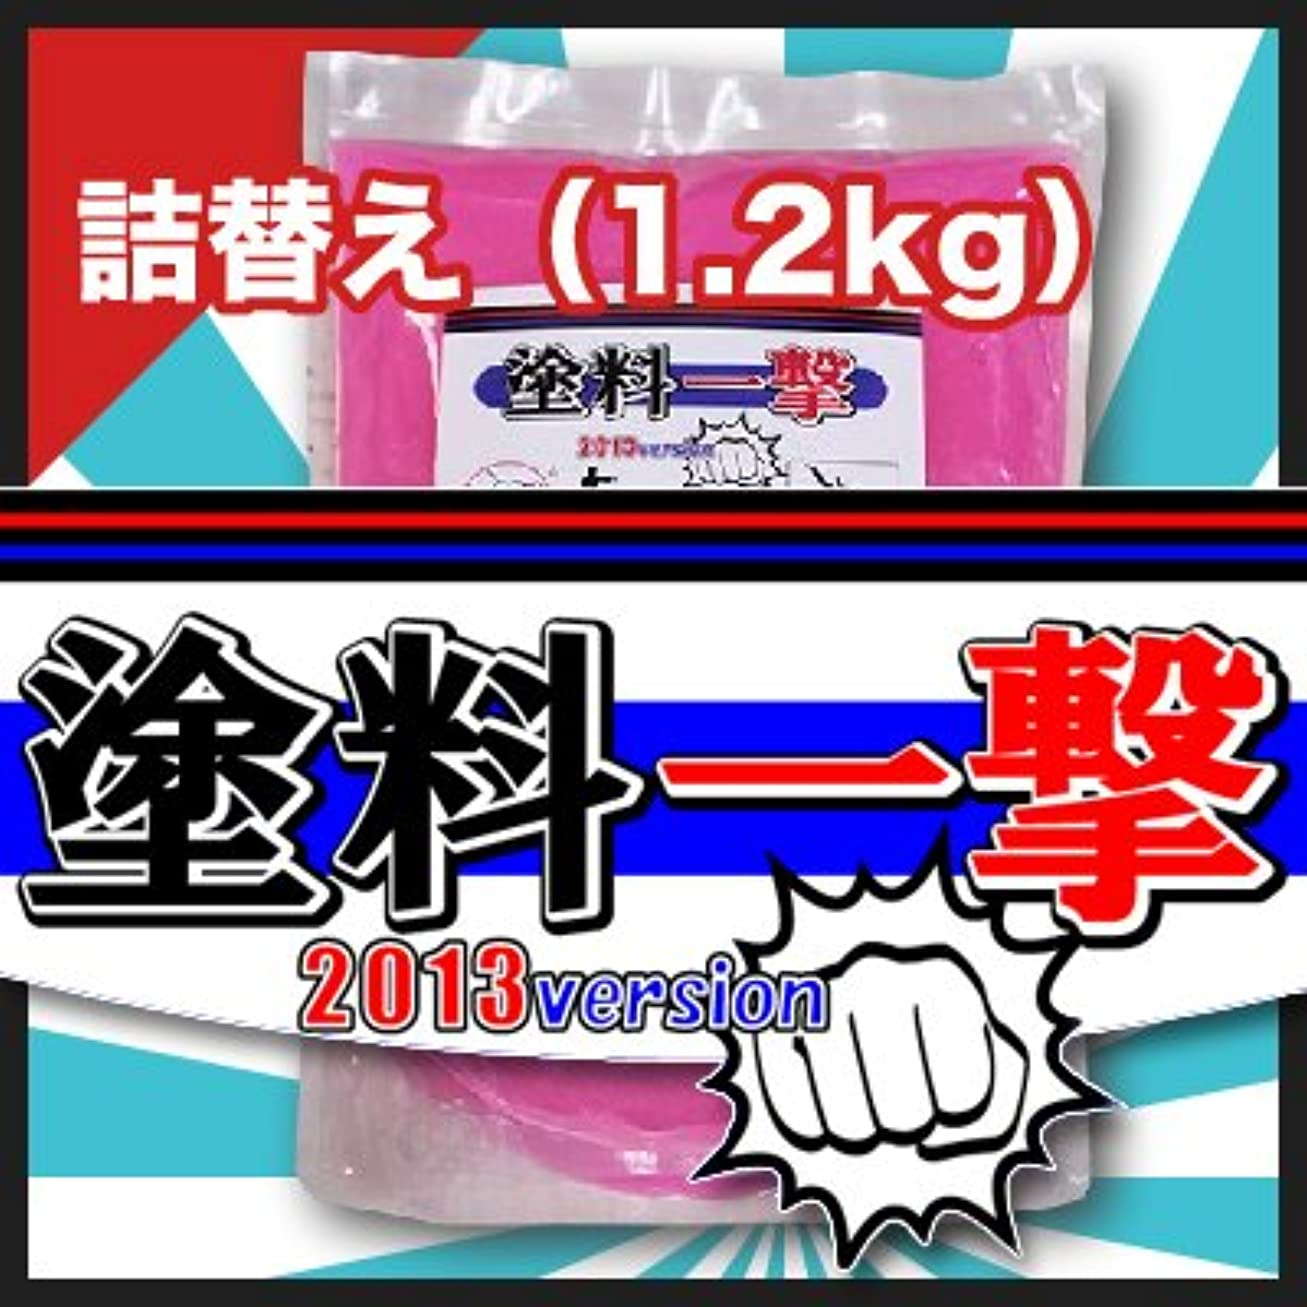 それ砂ぞっとするようなD.Iプランニング 塗料一撃 2013 Version 詰め替え (1.2kg)